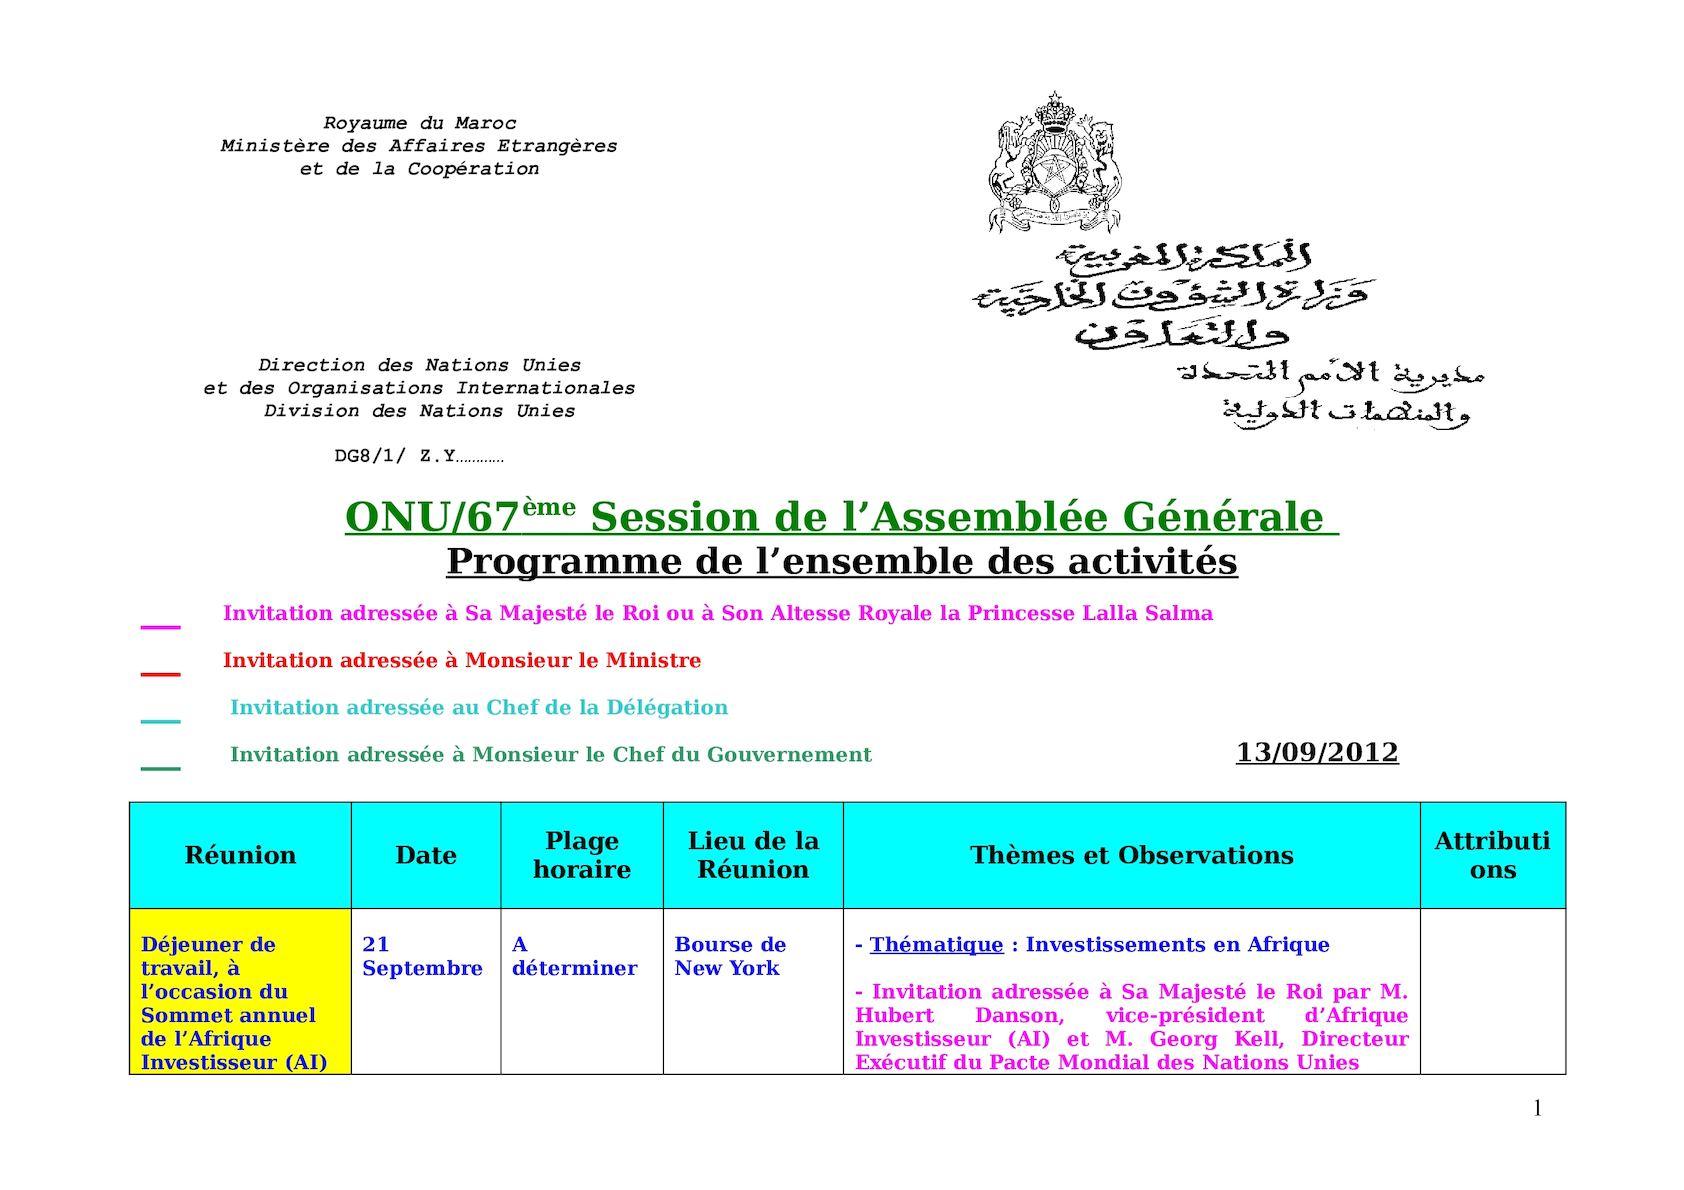 Tableau Des Reunions à Jour Le 13 Sep 2012